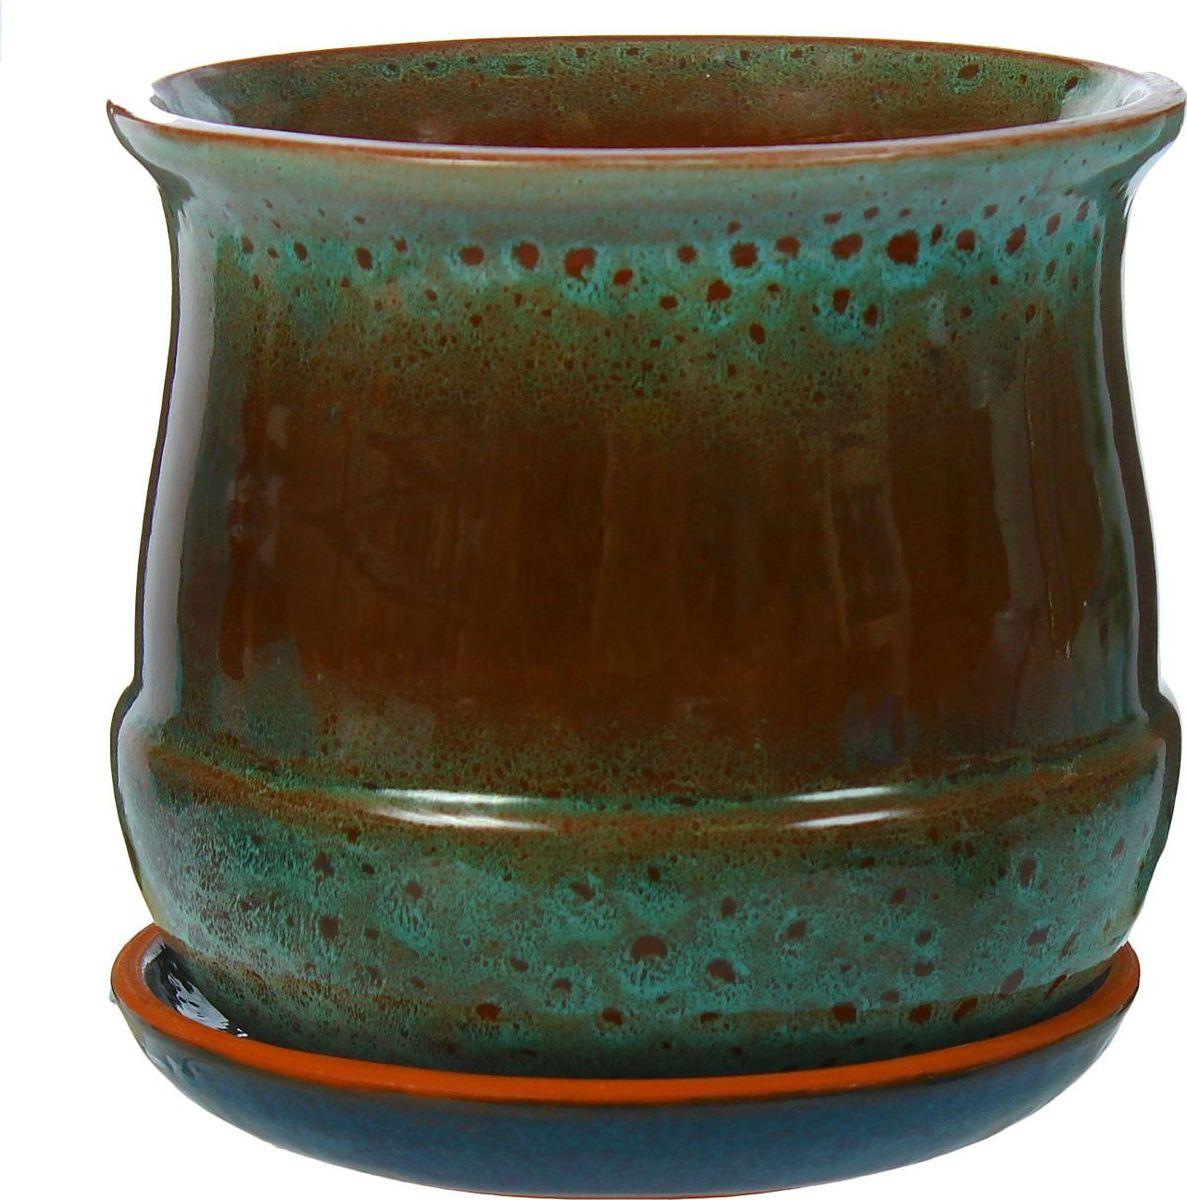 Кашпо Азалия, цвет: синий, коричневый, 1,5 л1306564Комнатные растения — всеобщие любимцы. Они радуют глаз, насыщают помещение кислородом и украшают пространство. Каждому из них необходим свой удобный и красивый дом. Кашпо из керамики прекрасно подходят для высадки растений: за счёт пластичности глины и разных способов обработки существует великое множество форм и дизайновпористый материал позволяет испаряться лишней влагевоздух, необходимый для дыхания корней, проникает сквозь керамические стенки! #name# позаботится о зелёном питомце, освежит интерьер и подчеркнёт его стиль.